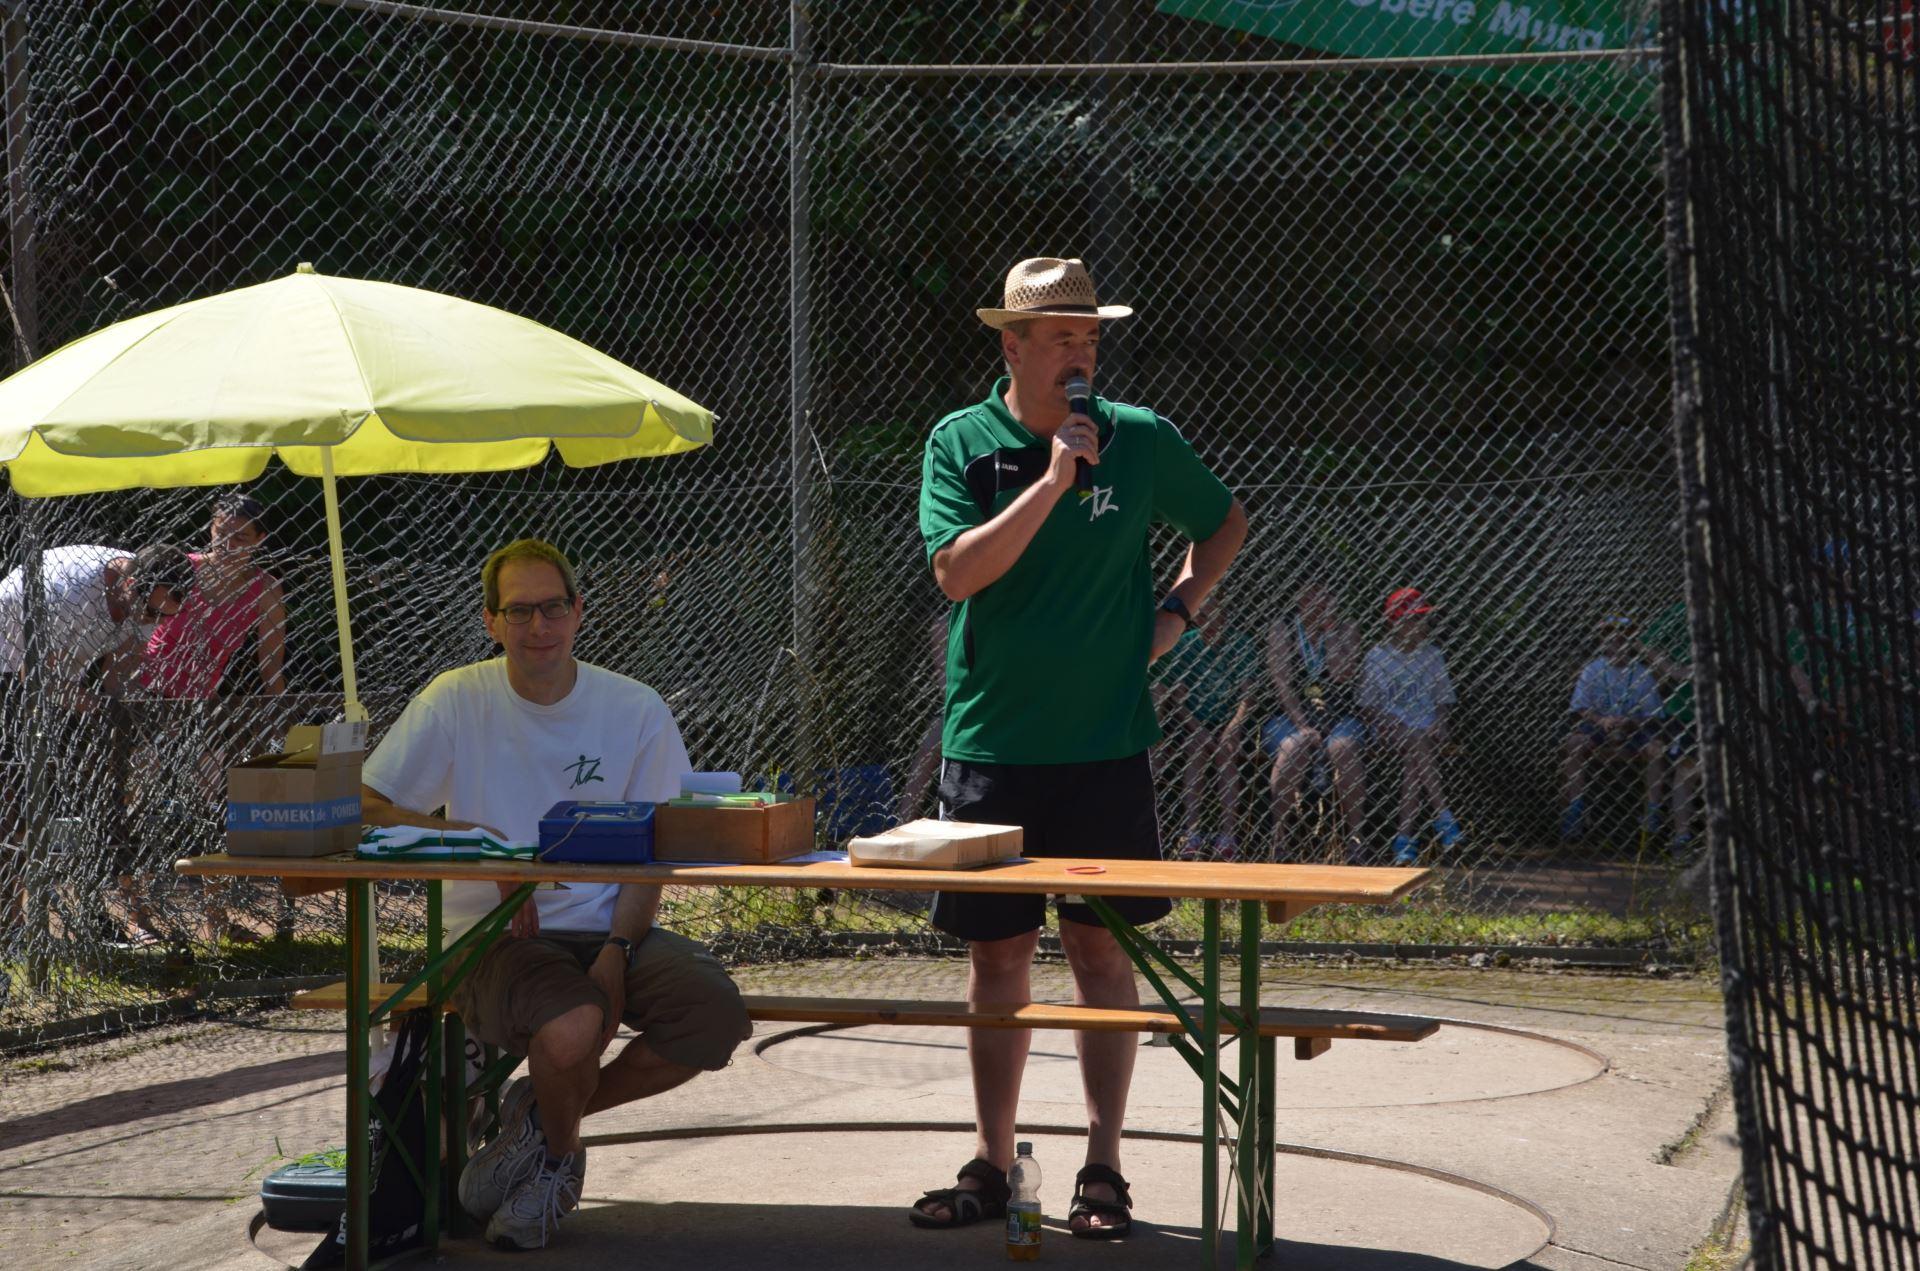 46. Volksleichtathletiktag 2016 in Langenbrand (29)